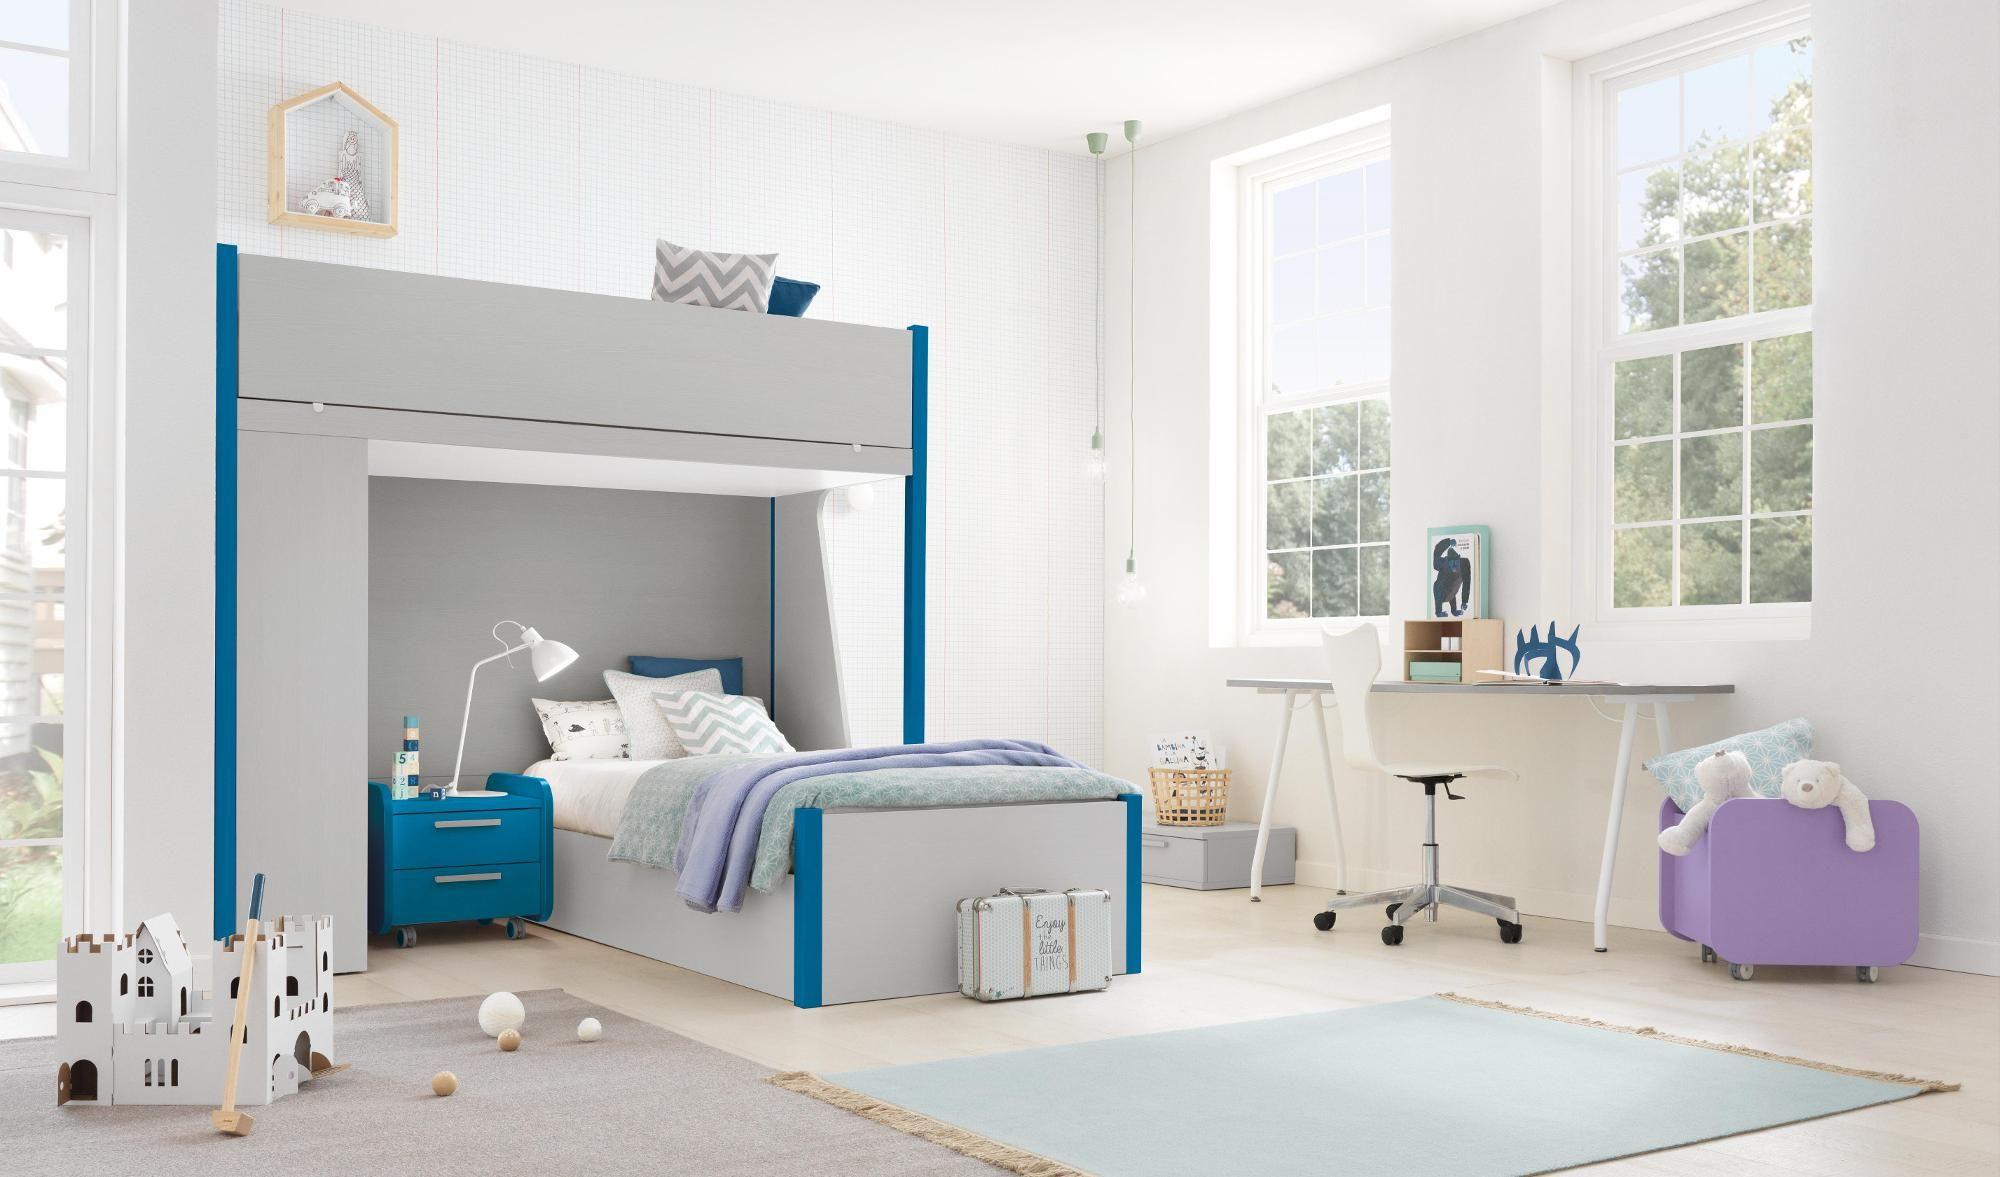 Finiture grigio e blu Arredo camere da letto per bambini e ...